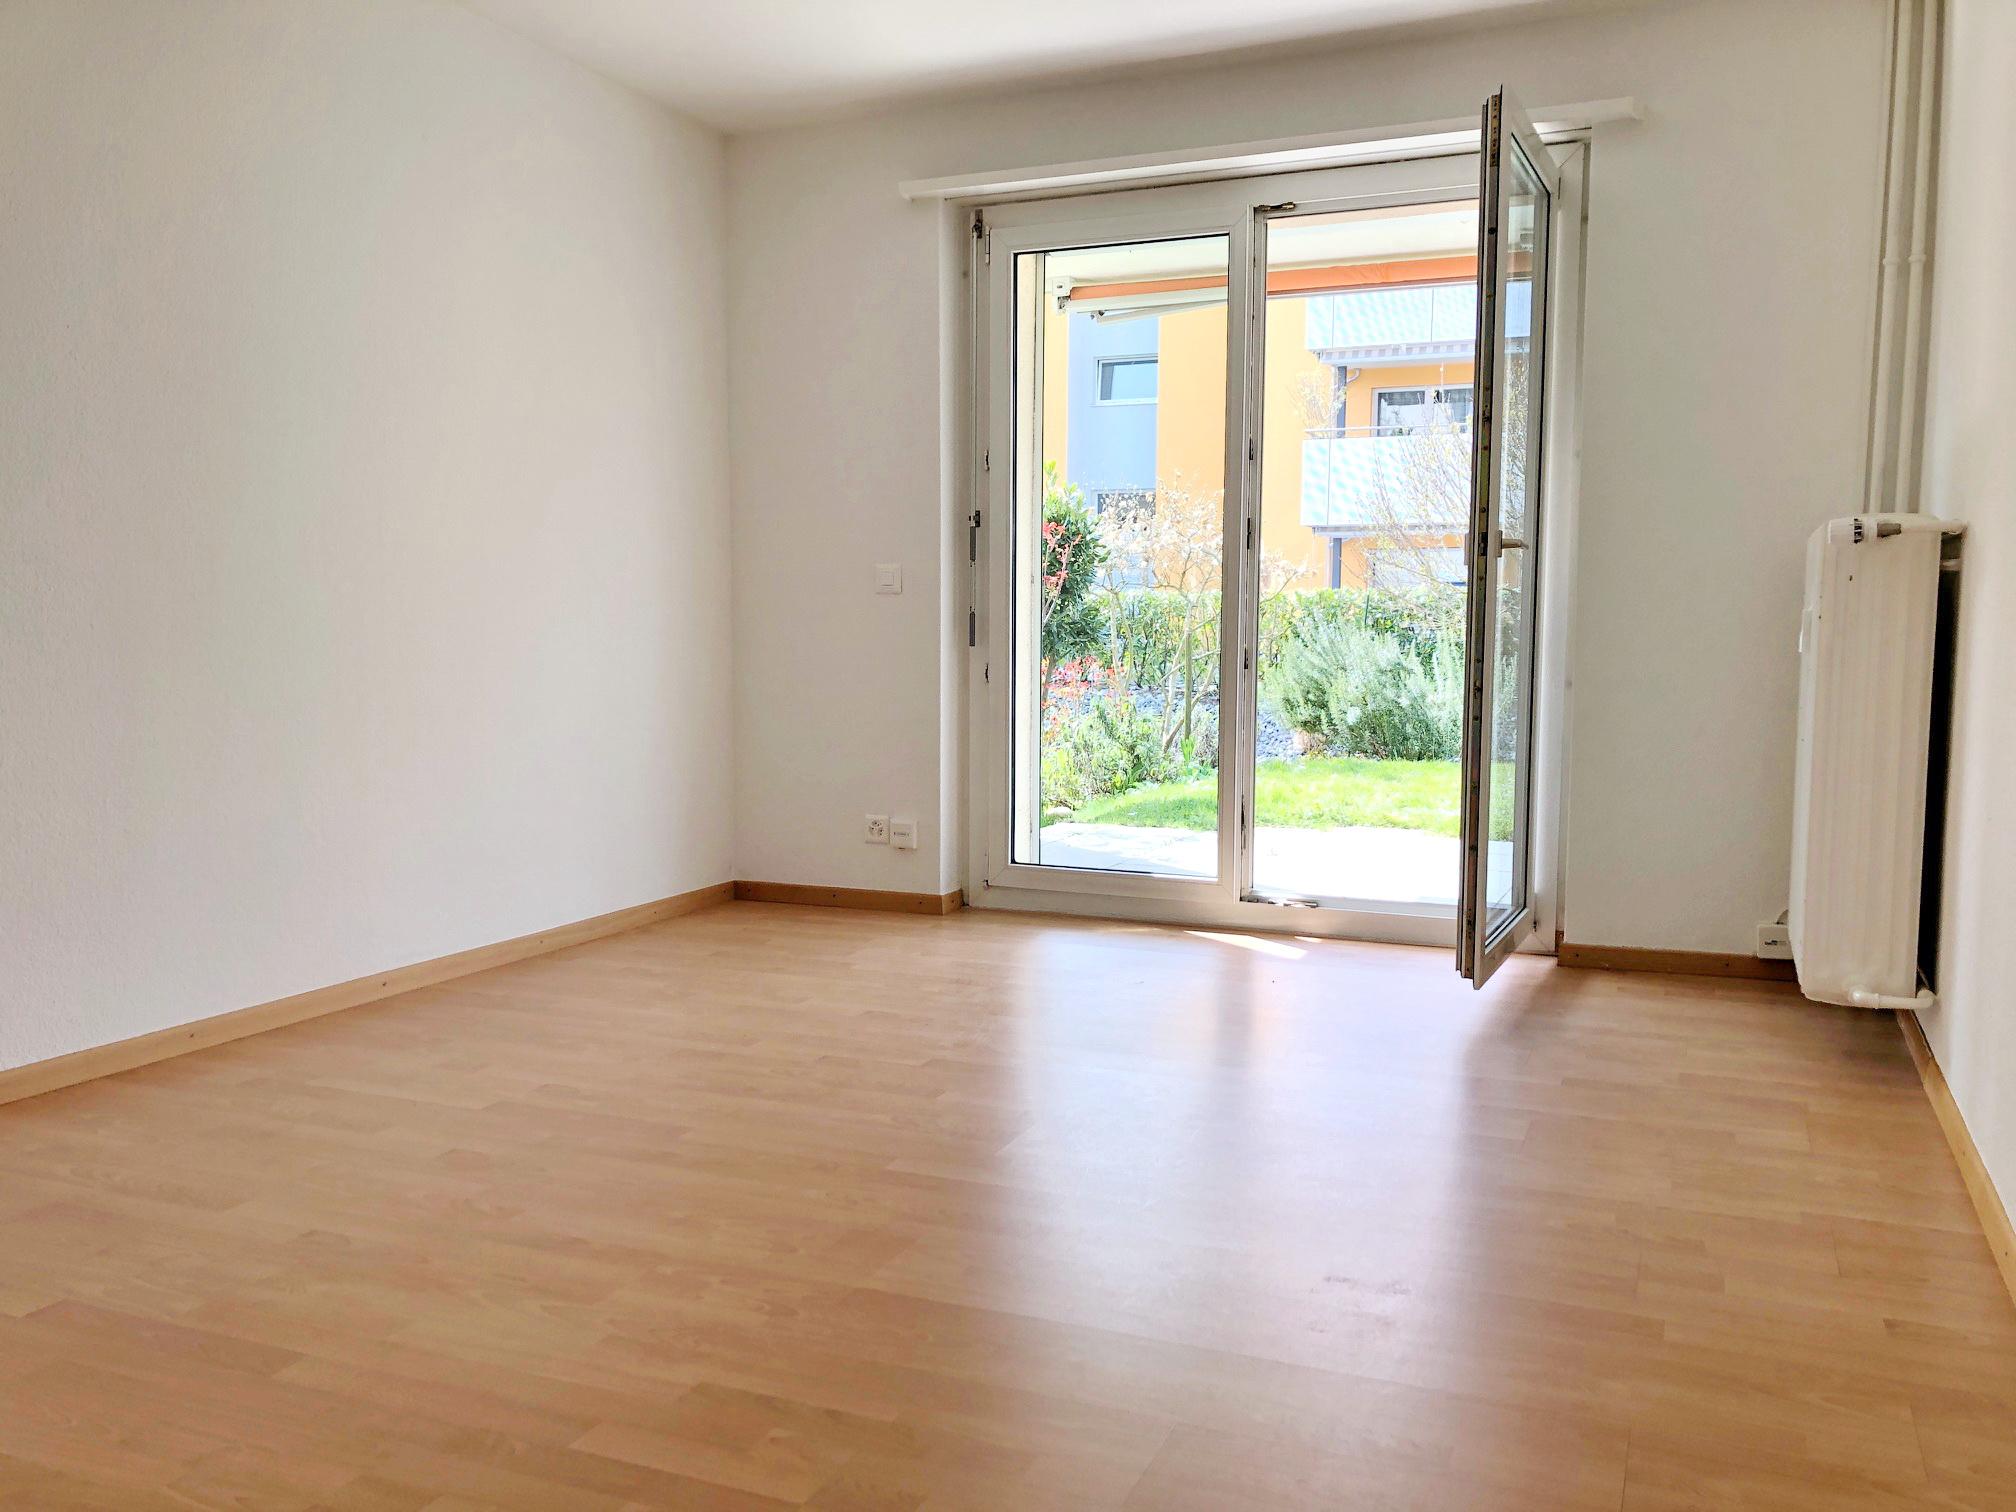 3.5 Zimmer - Wohnzimmer